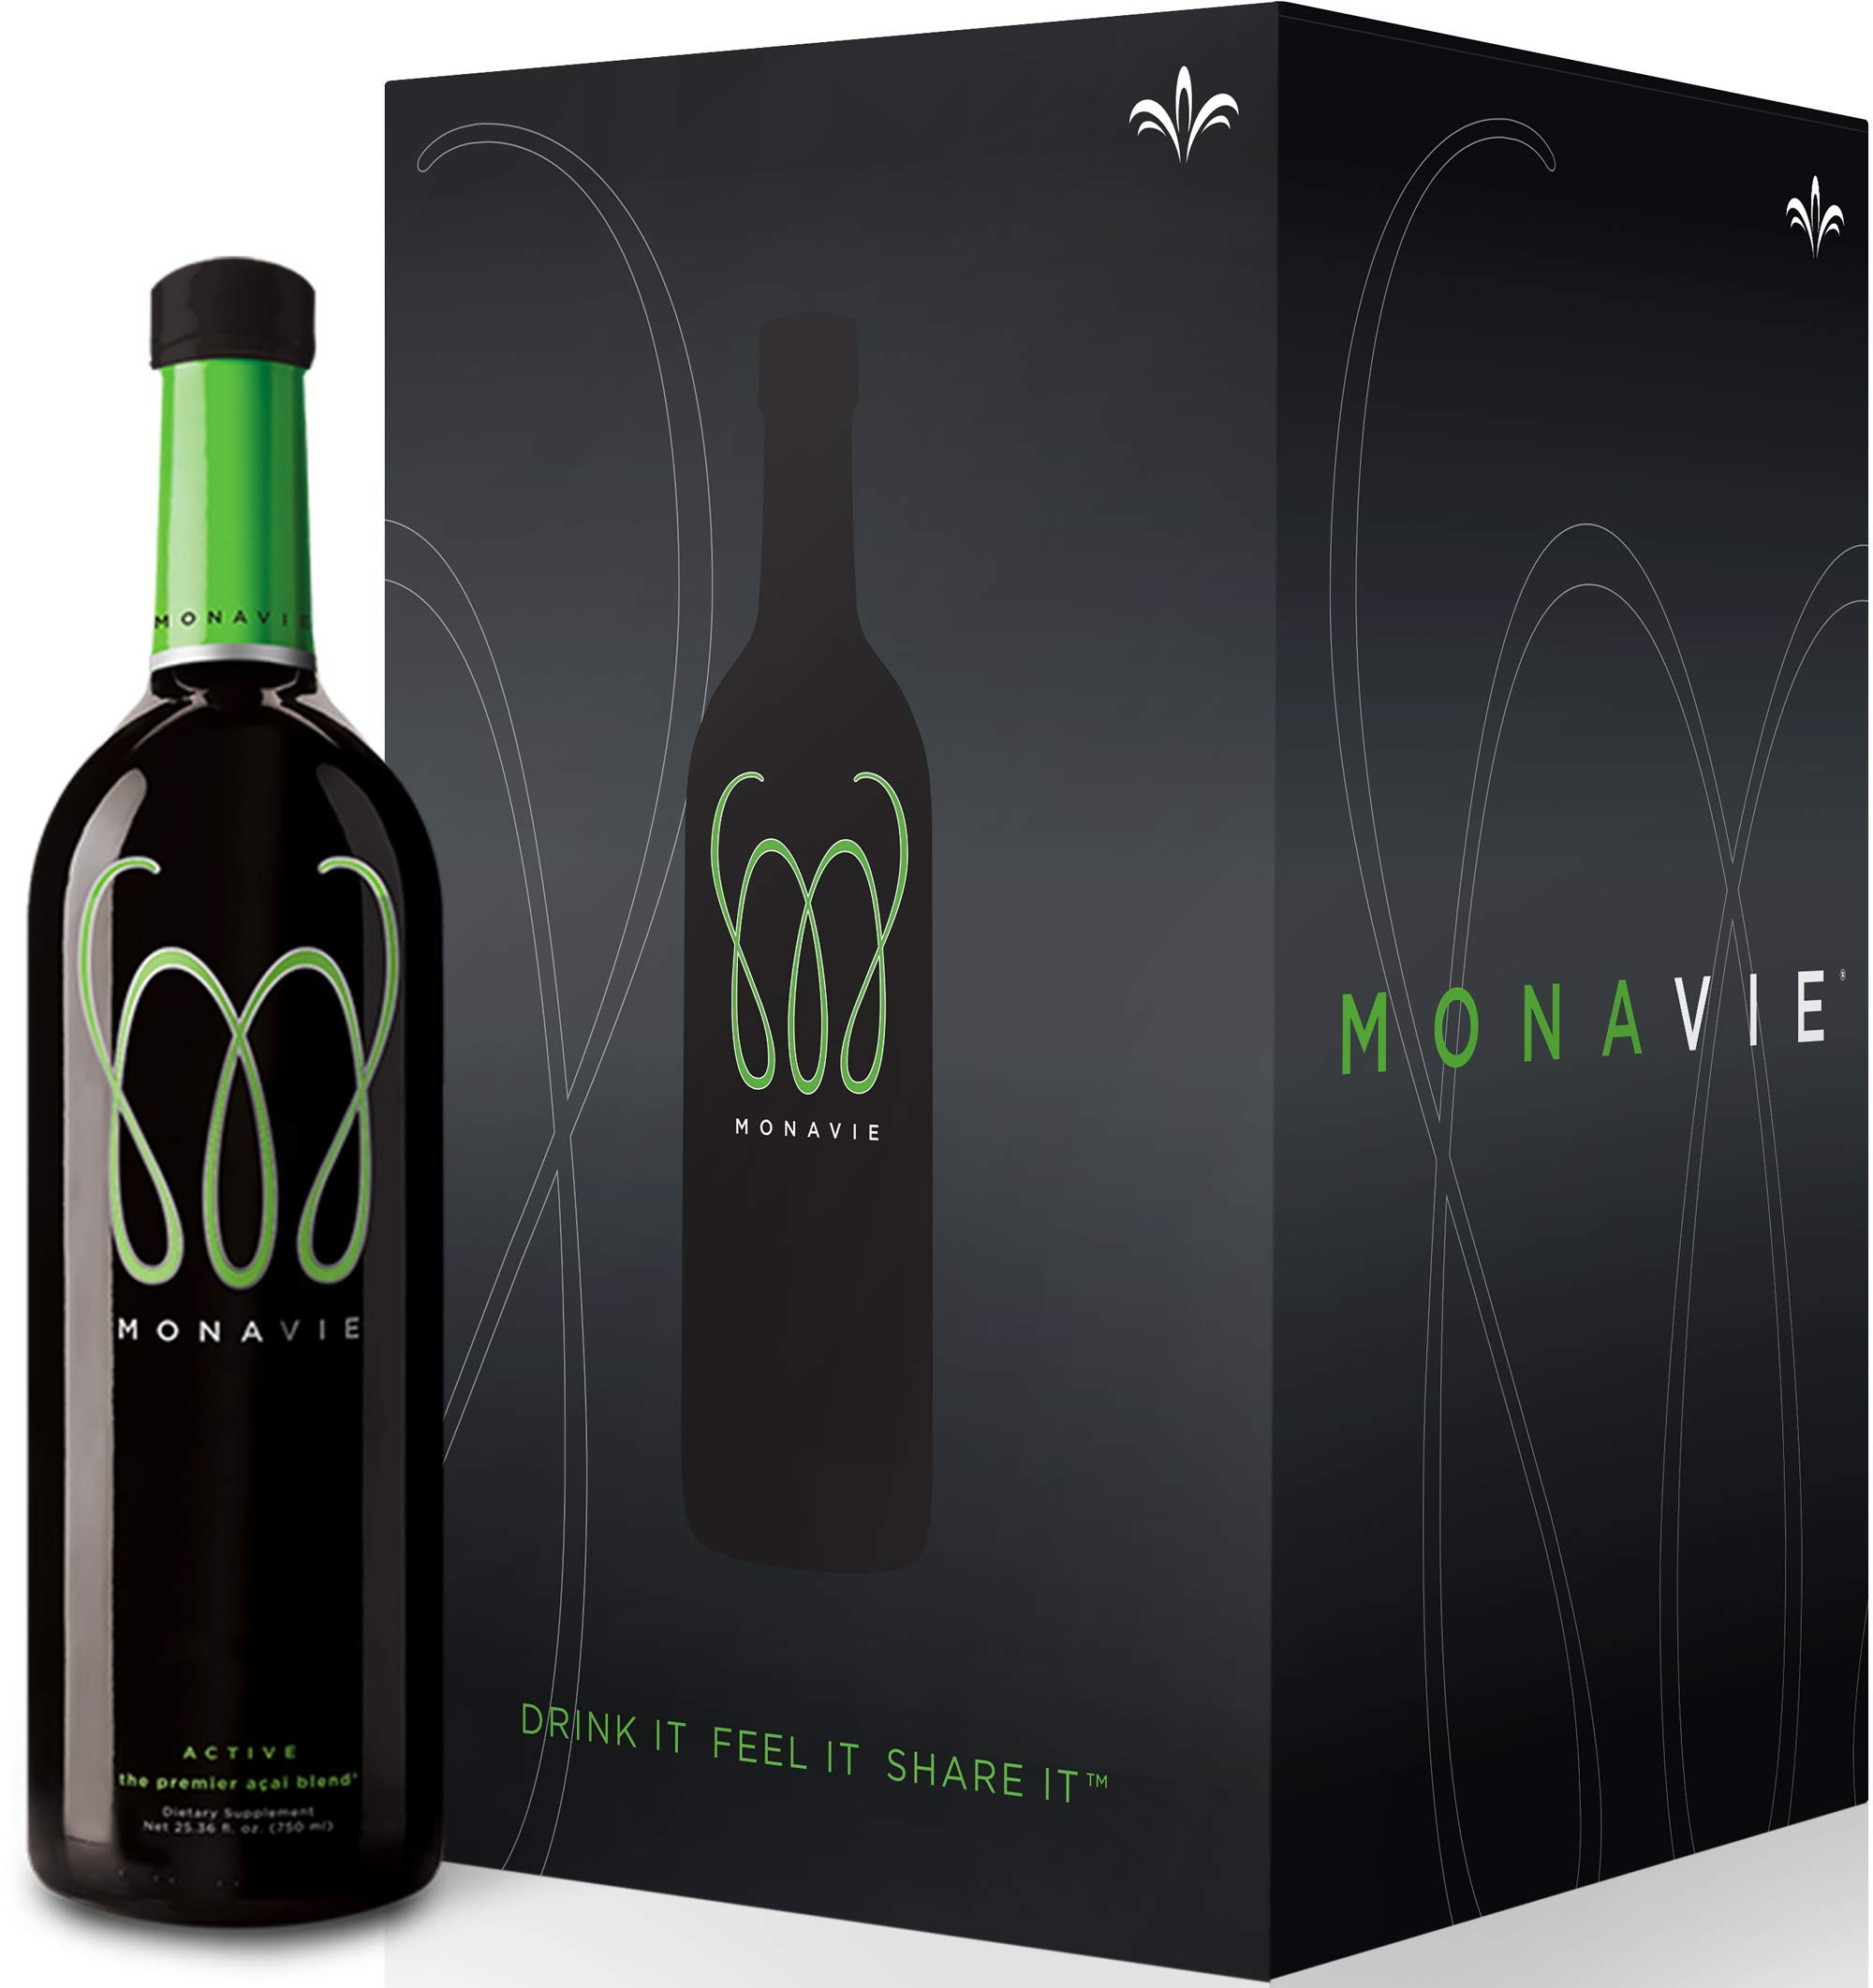 Monavie Active 1 Case 4 Bottles Comes Insured Against Breakage